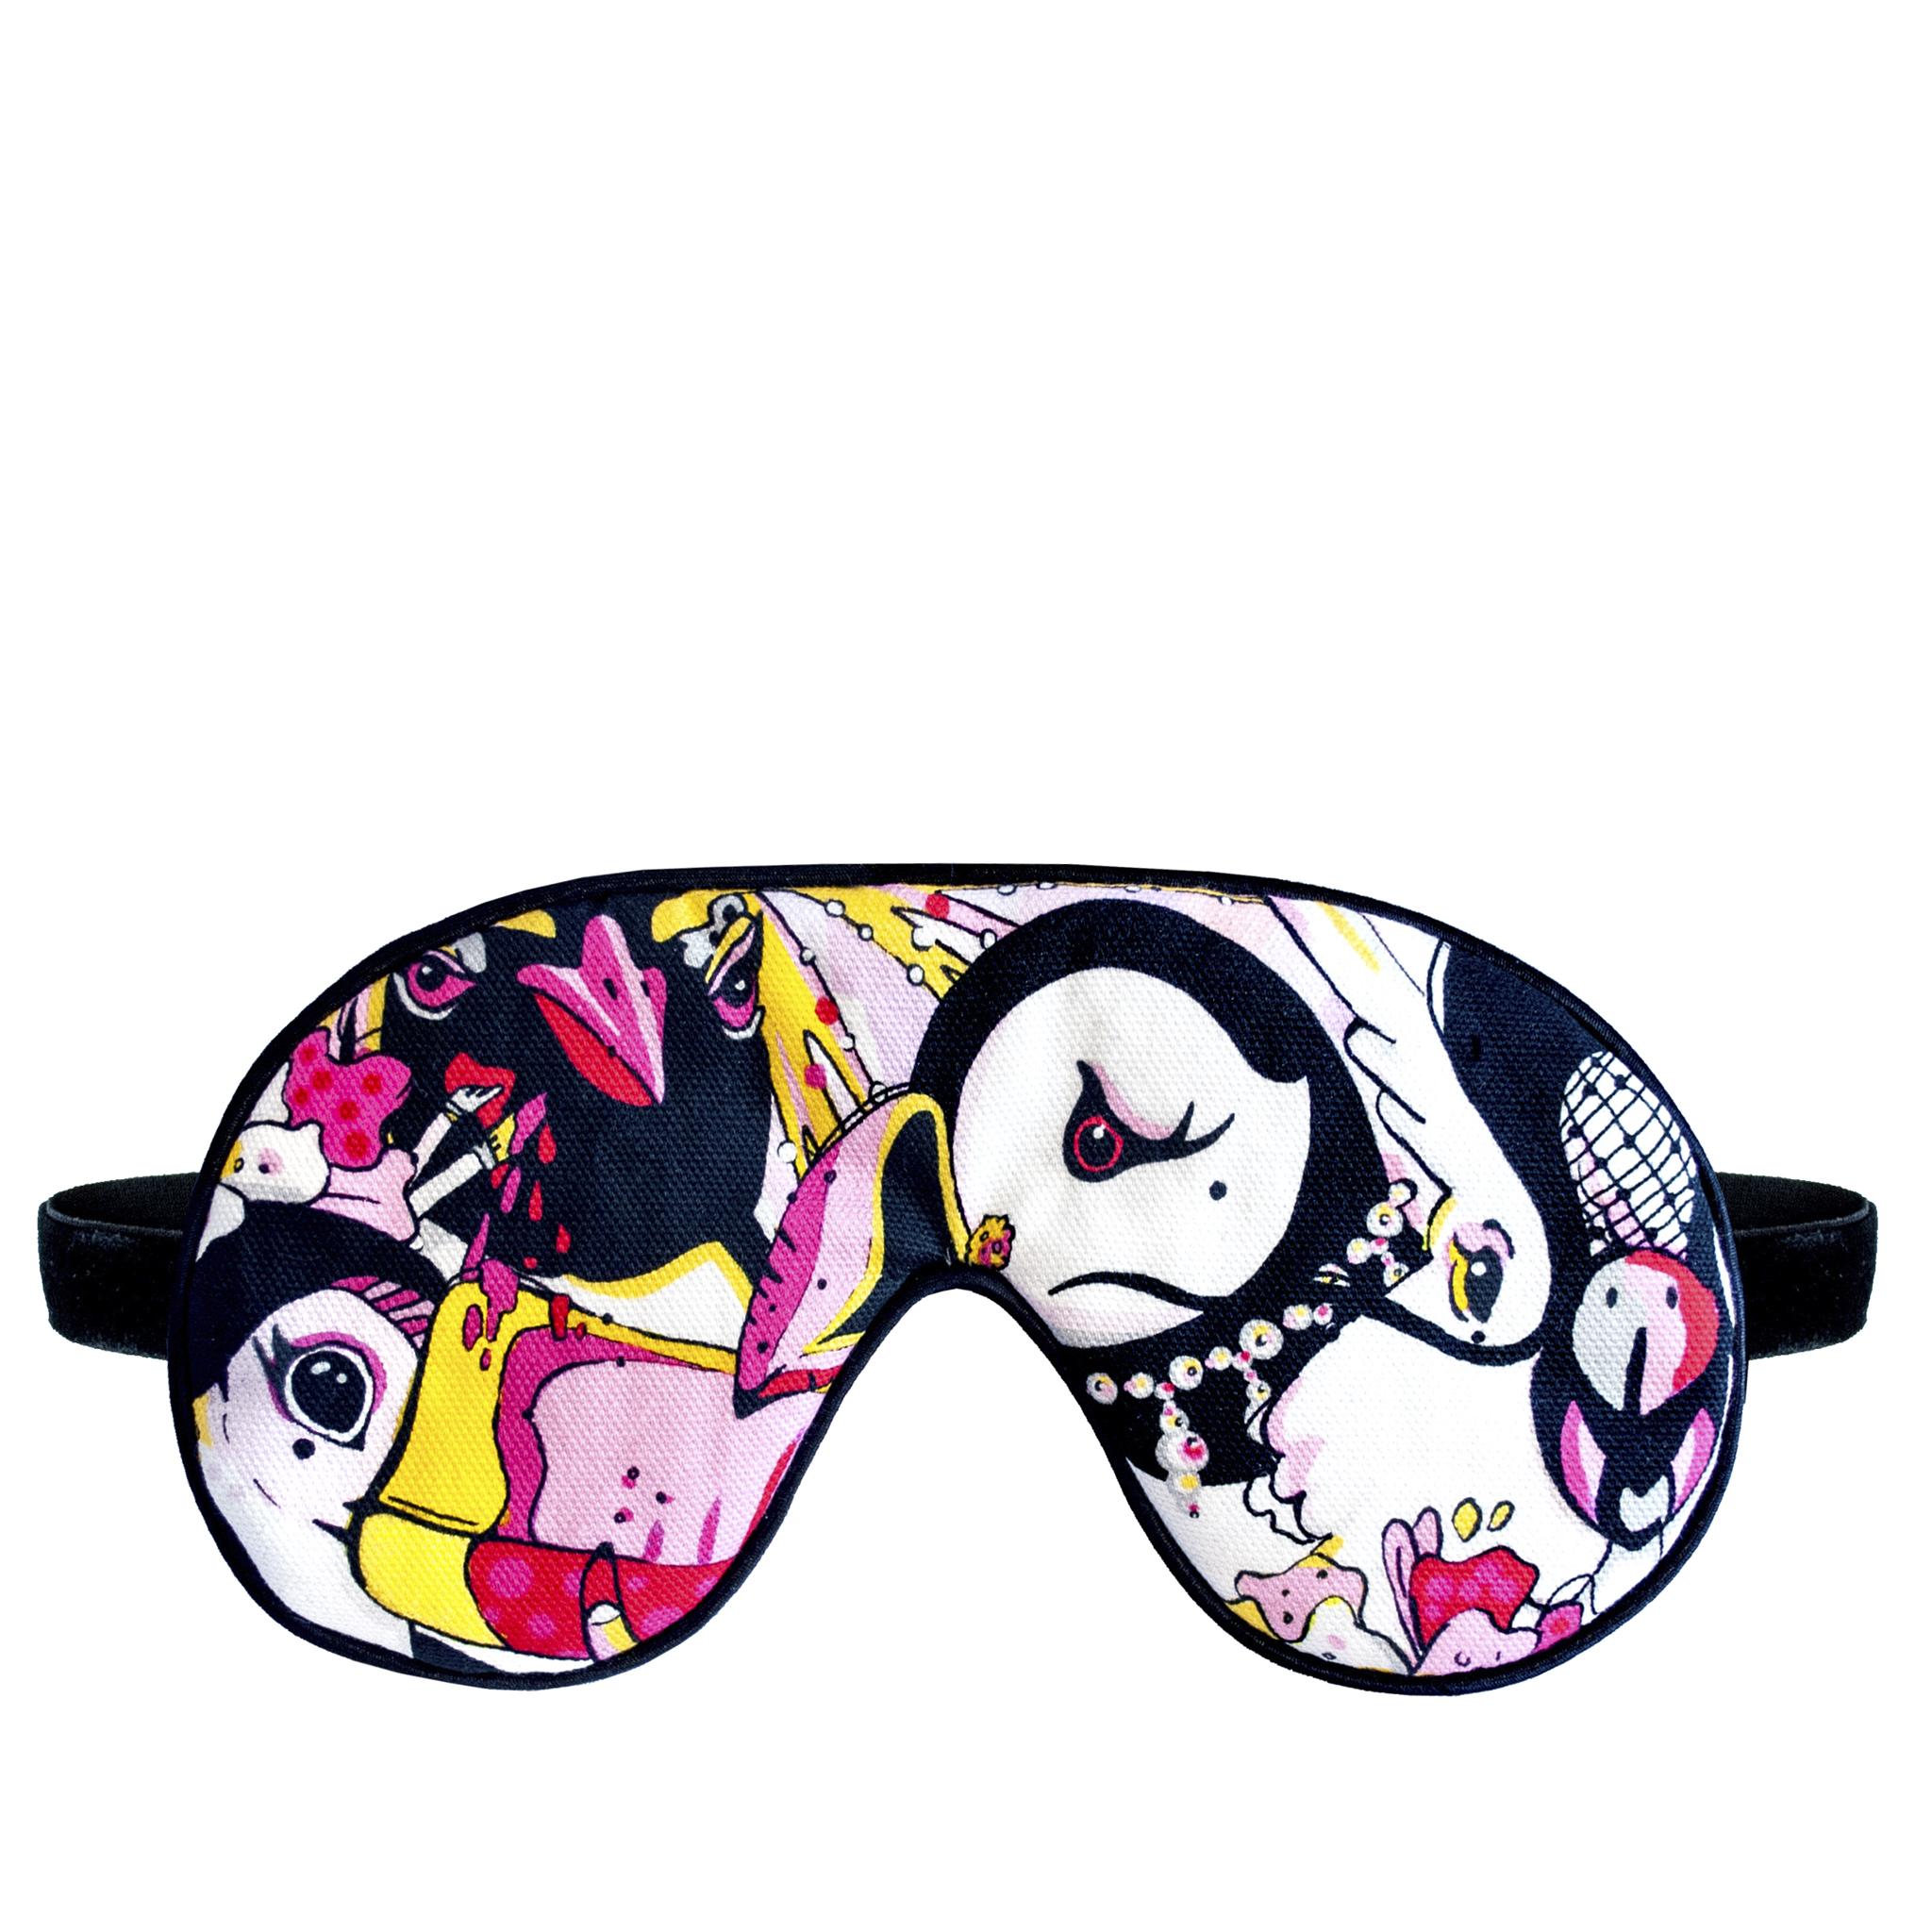 playful luxury cotton velvet sleep mask eye mask lavender house of hopstock